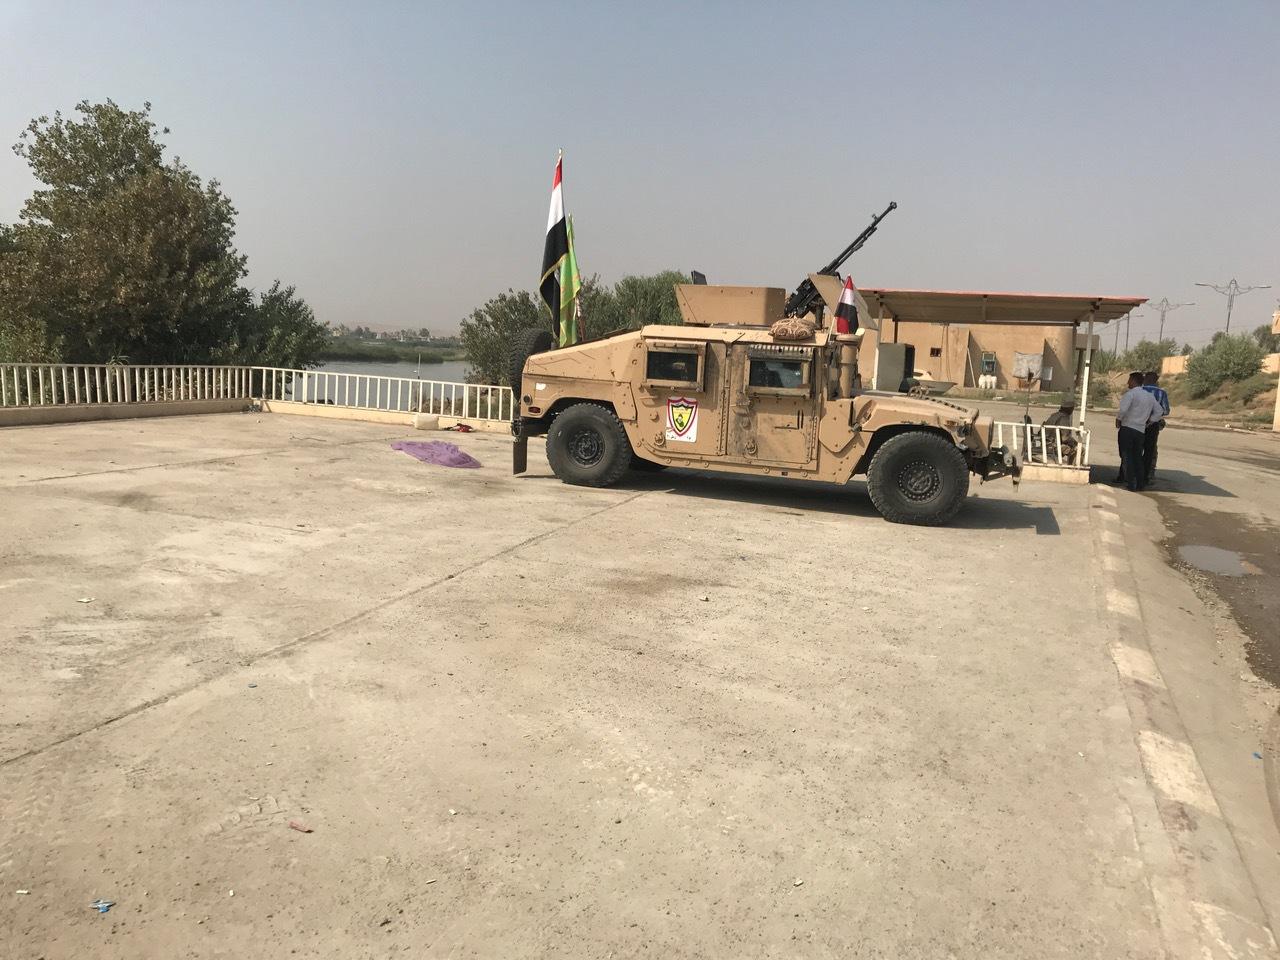 Medicul român care s-a oferit voluntar în Irak, tratând refugiaţi răniţi de gloanţe şi explozii